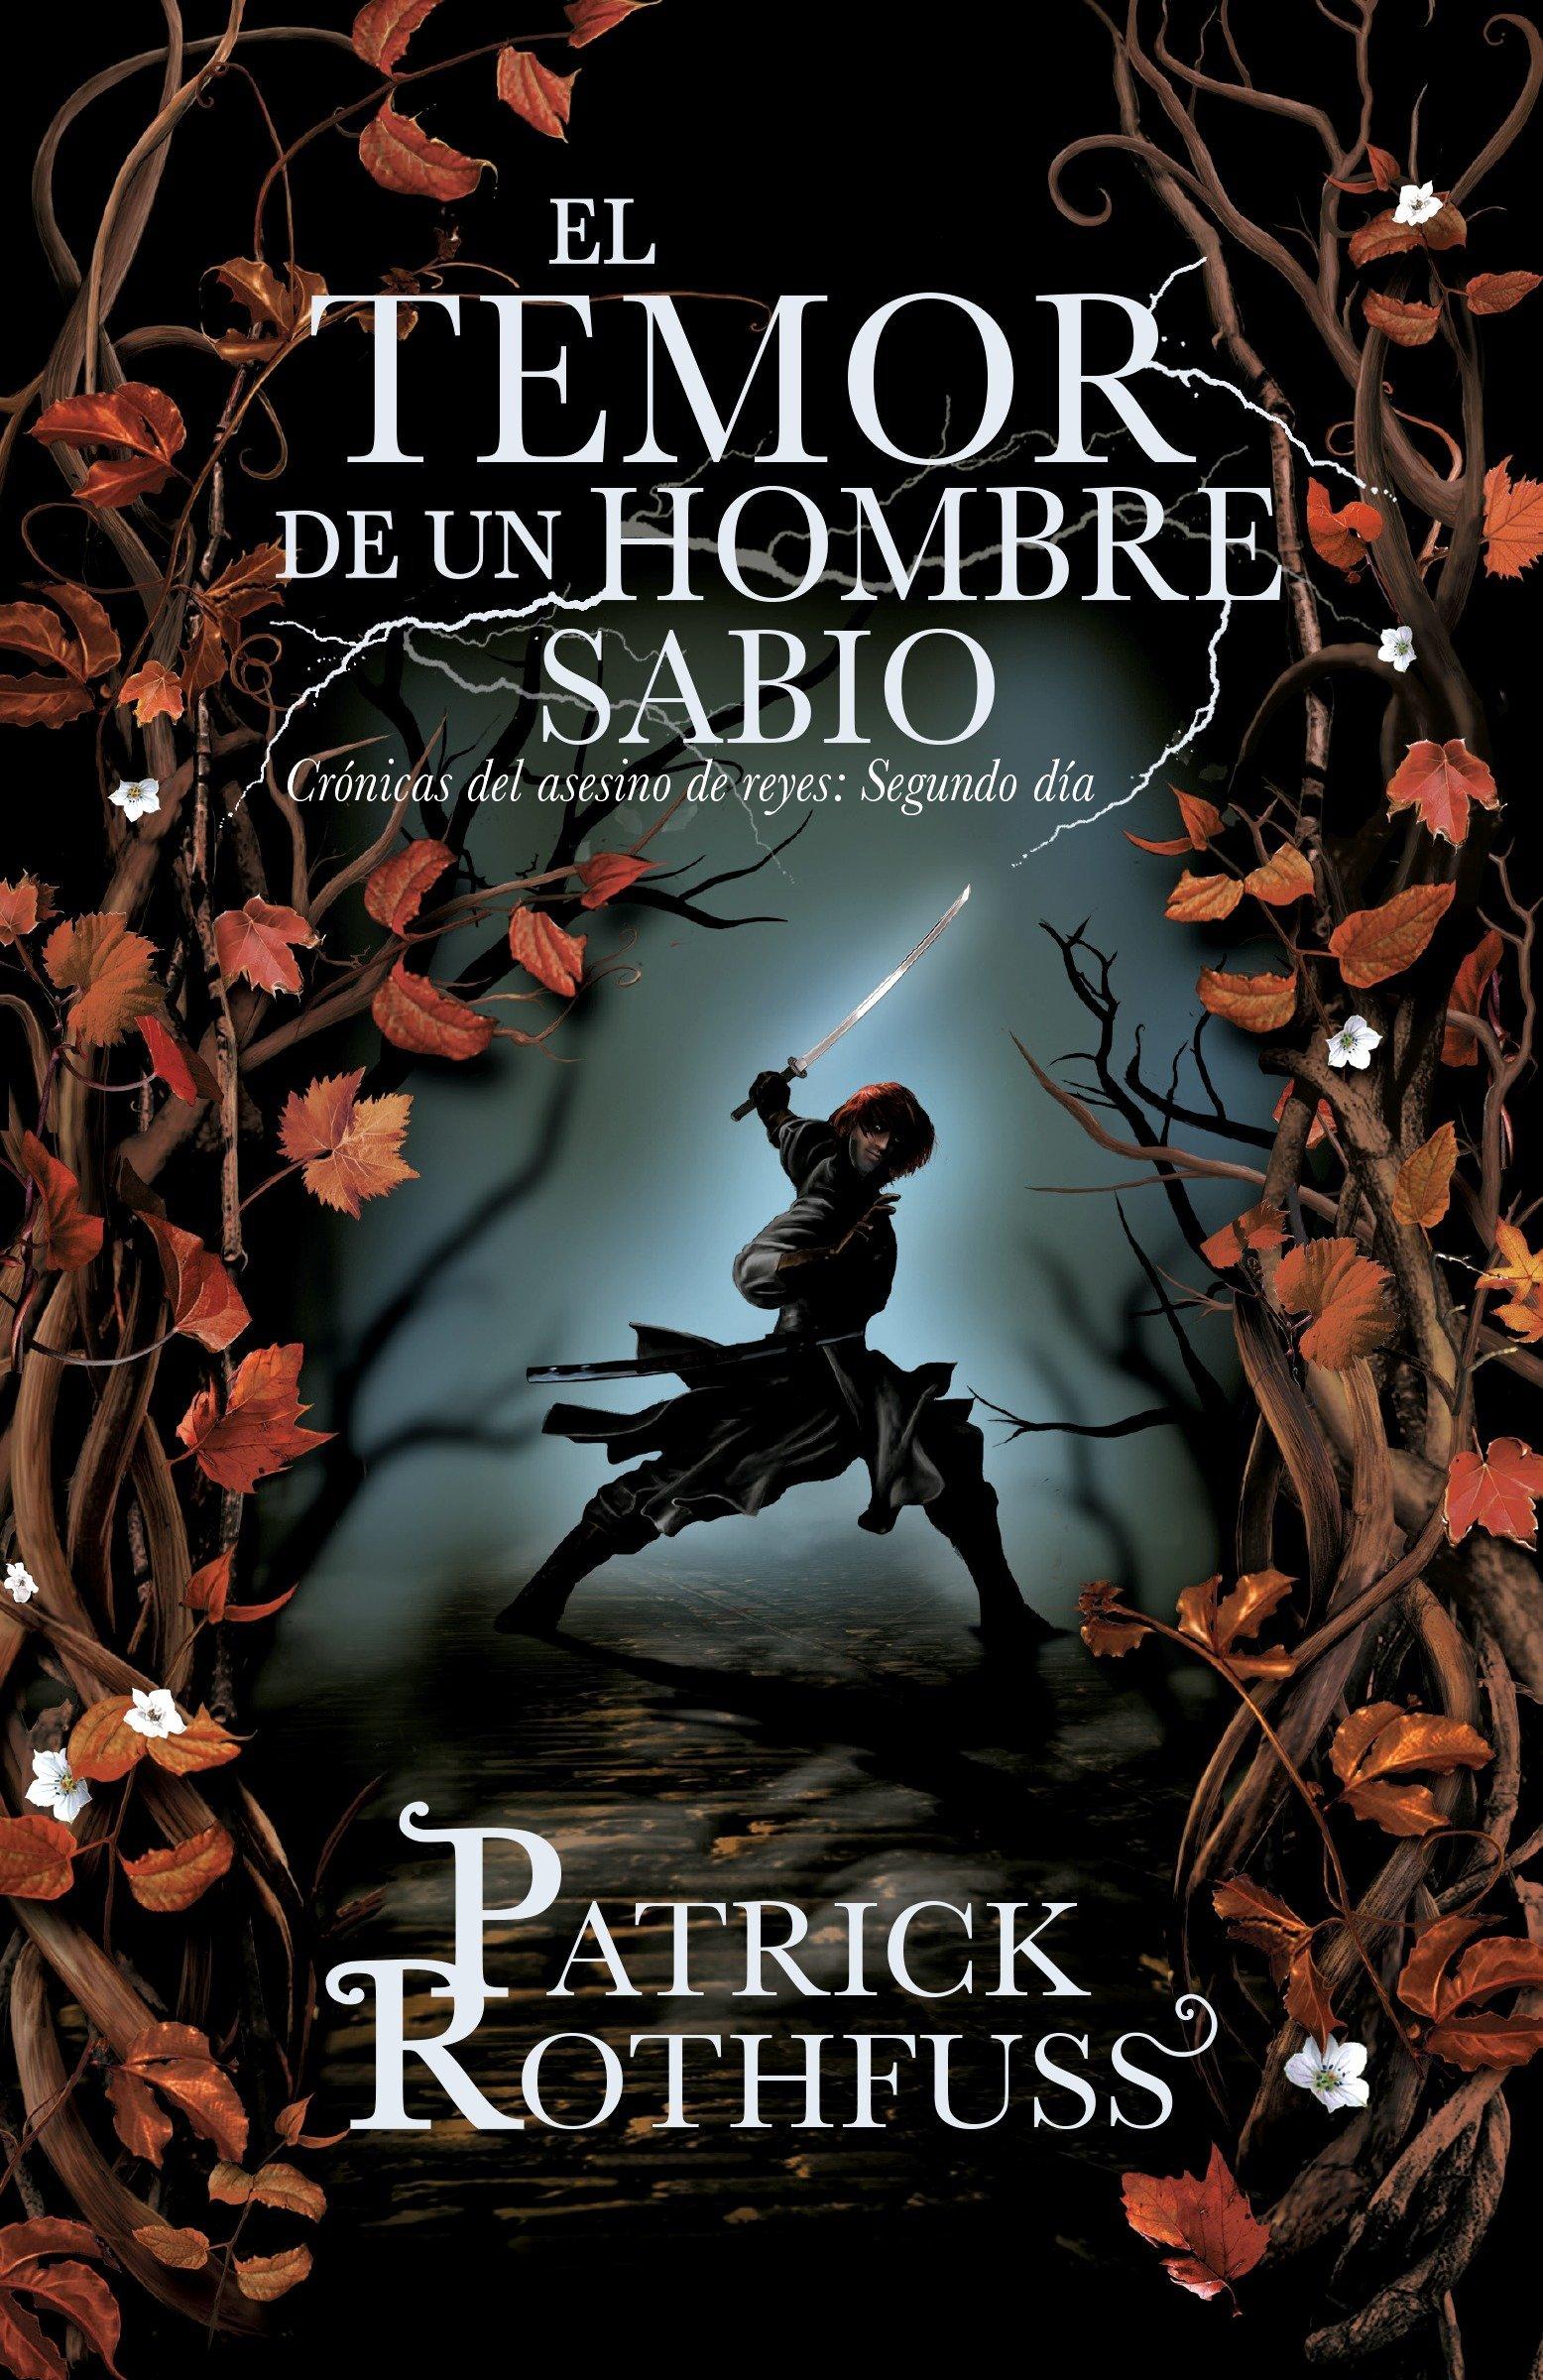 Amazon.com: El temor de un hombre sabio: Cronicas del asesin de reyes:  Segundo dia (Spanish Edition) (9780804169615): Patrick Rothfuss: Books